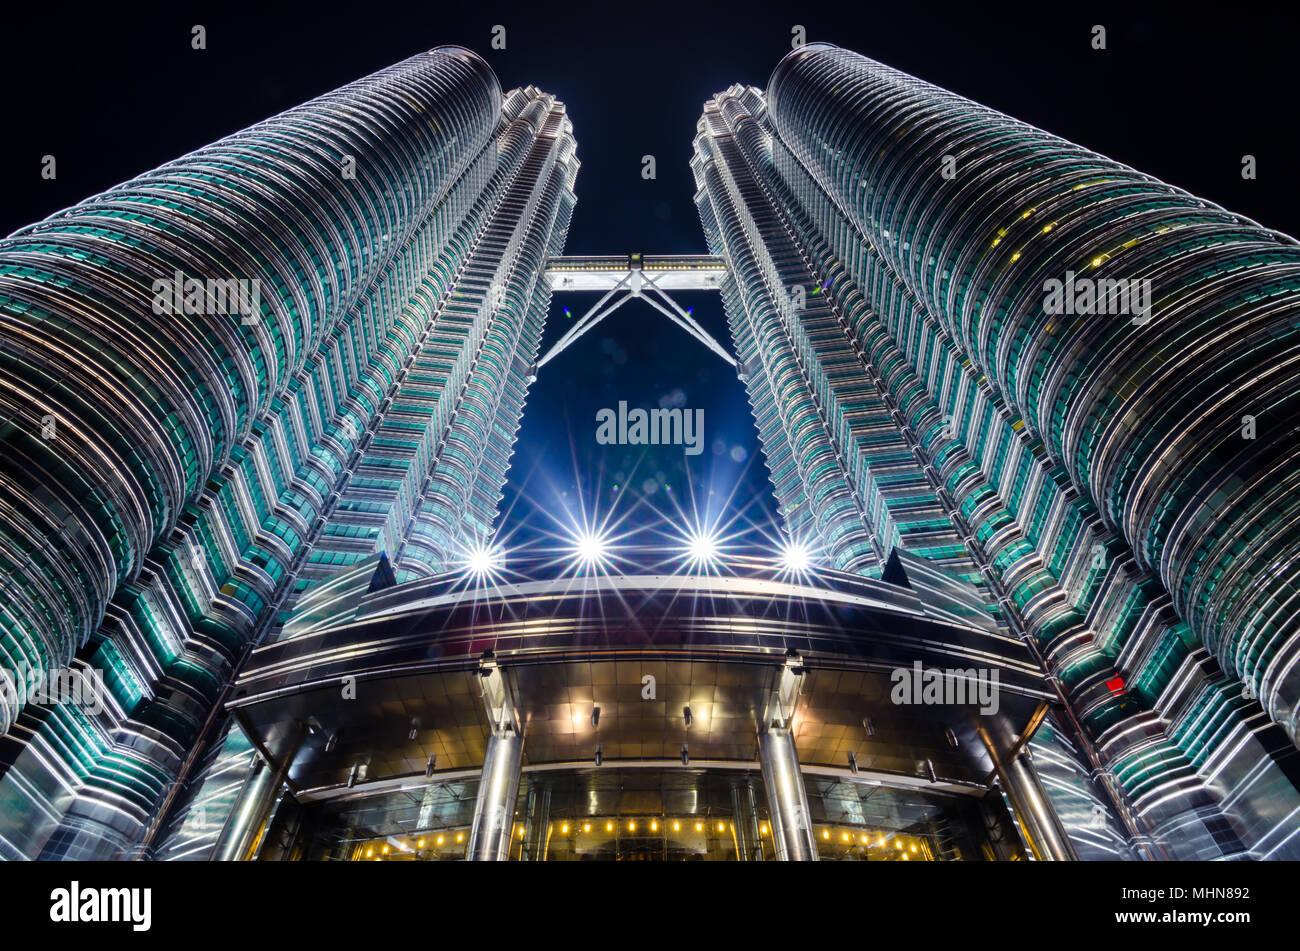 Les Tours Petronas sont des gratte-ciel. Ils étaient plus haut bâtiment du monde de 1998 à 2004 et encore la plus haute du monde jusqu'à présent Twin Tower. Photo Stock